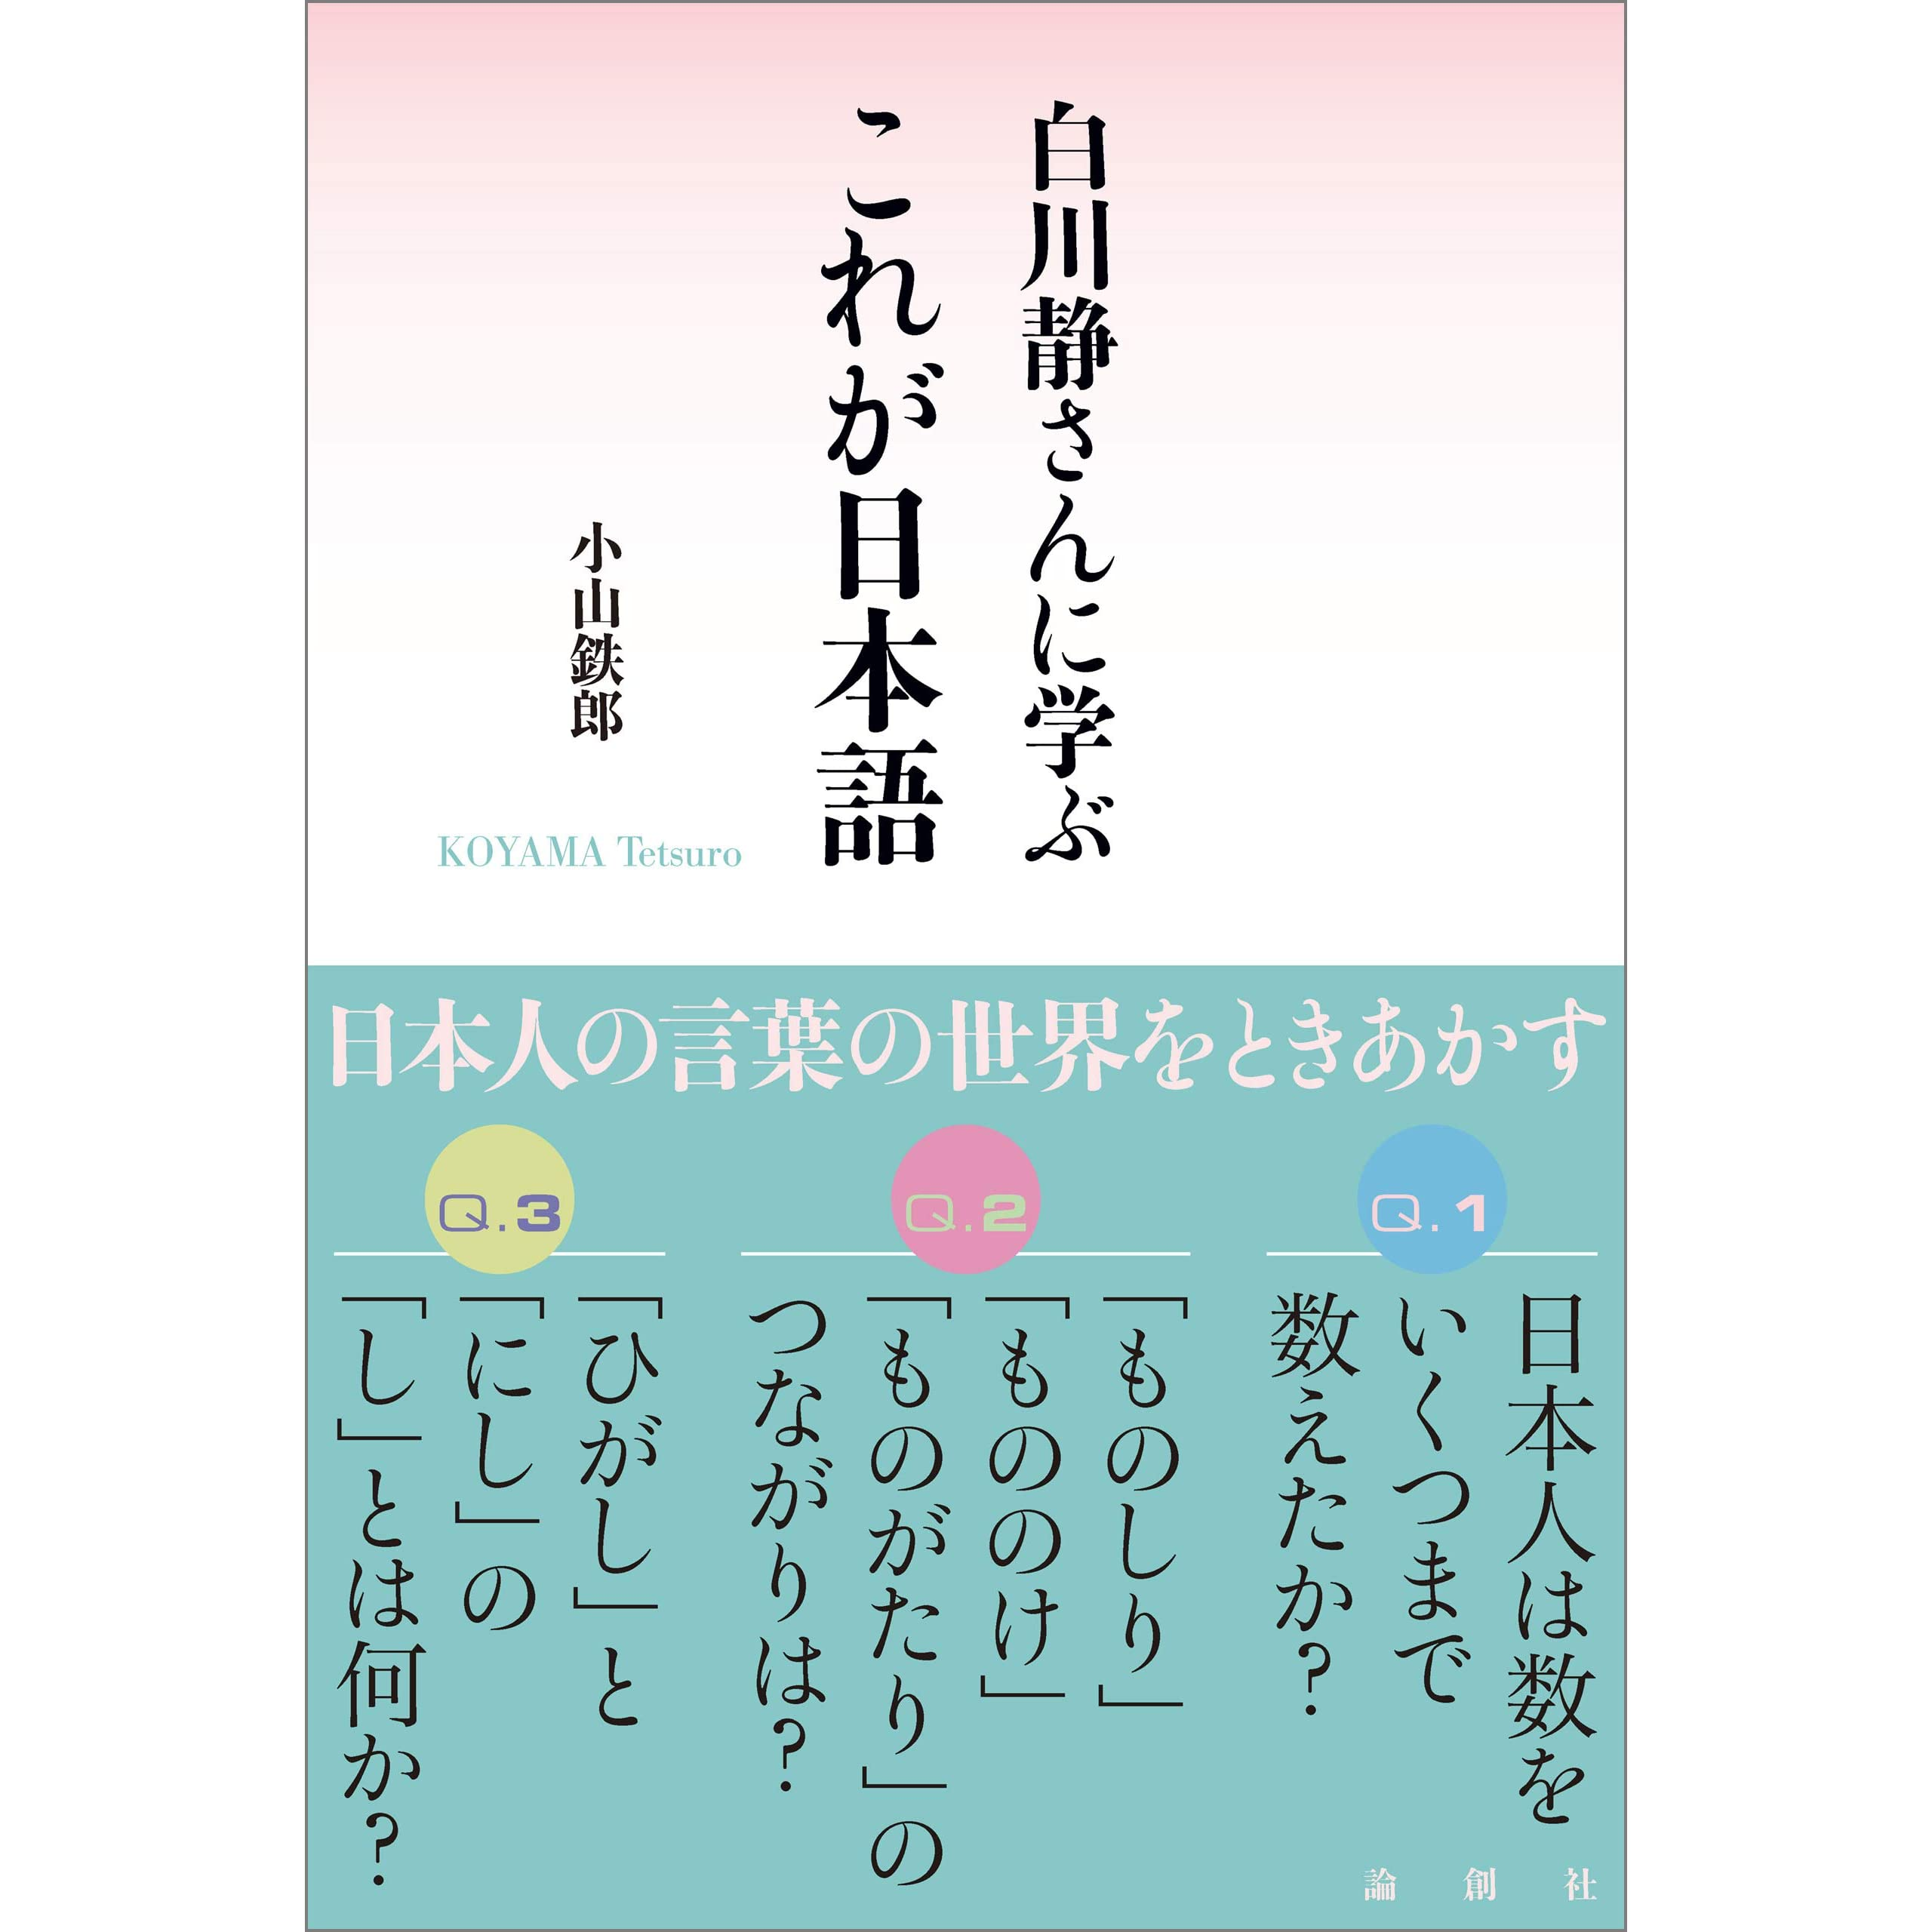 白川静さんに学ぶ これが日本語 by 小山鉄郎